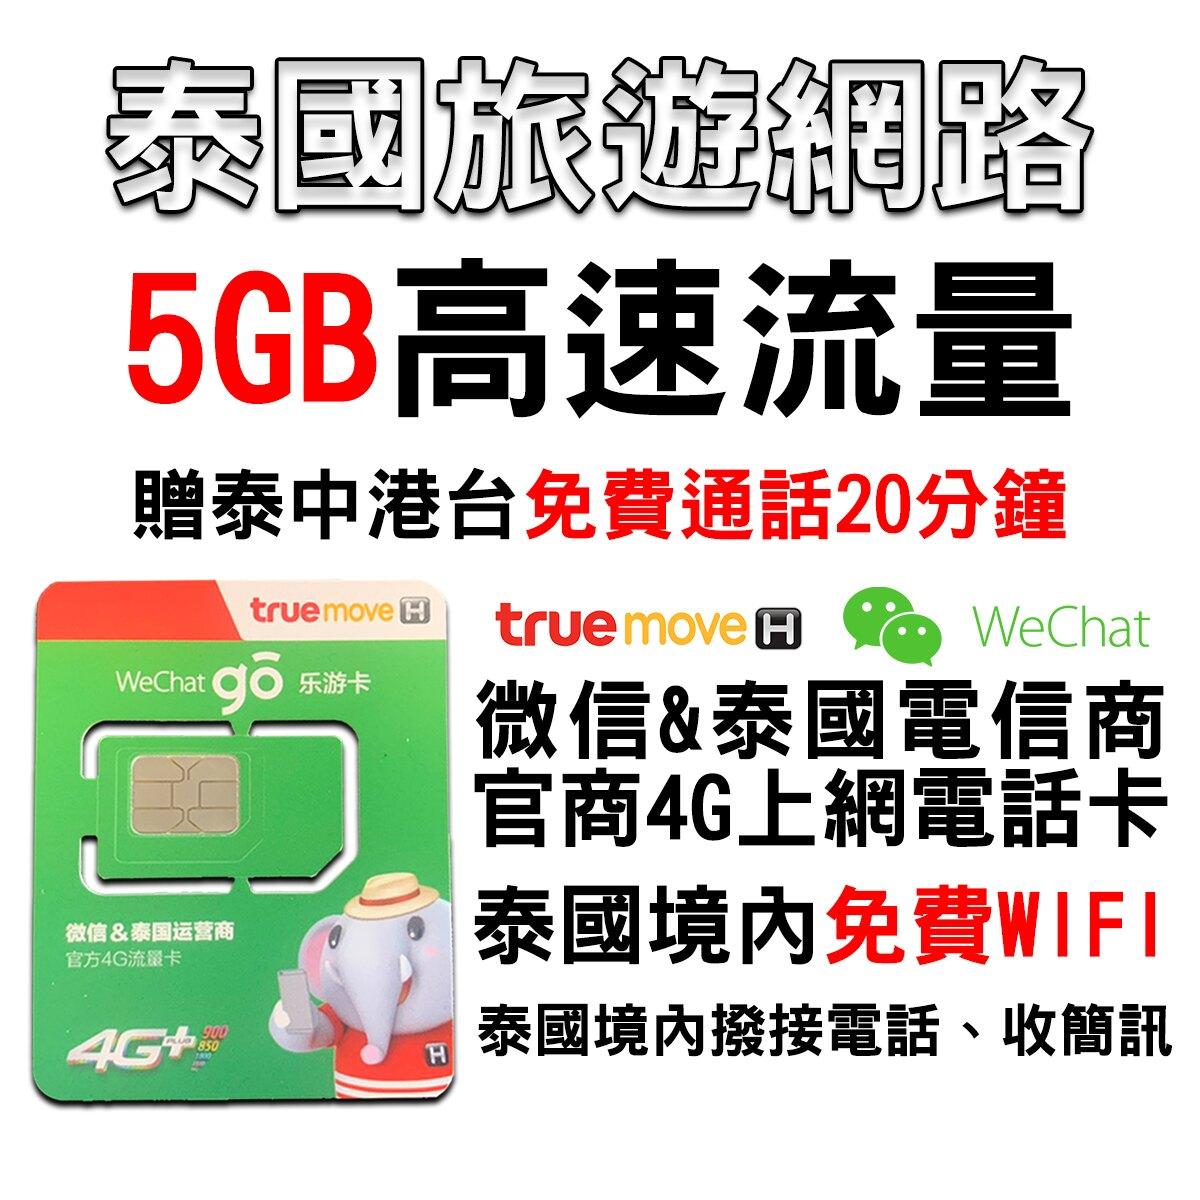 泰國原生卡 4G網路卡 通話網路 樂游卡True Move 曼谷/清邁/芭達雅/普吉島上網 可打電話